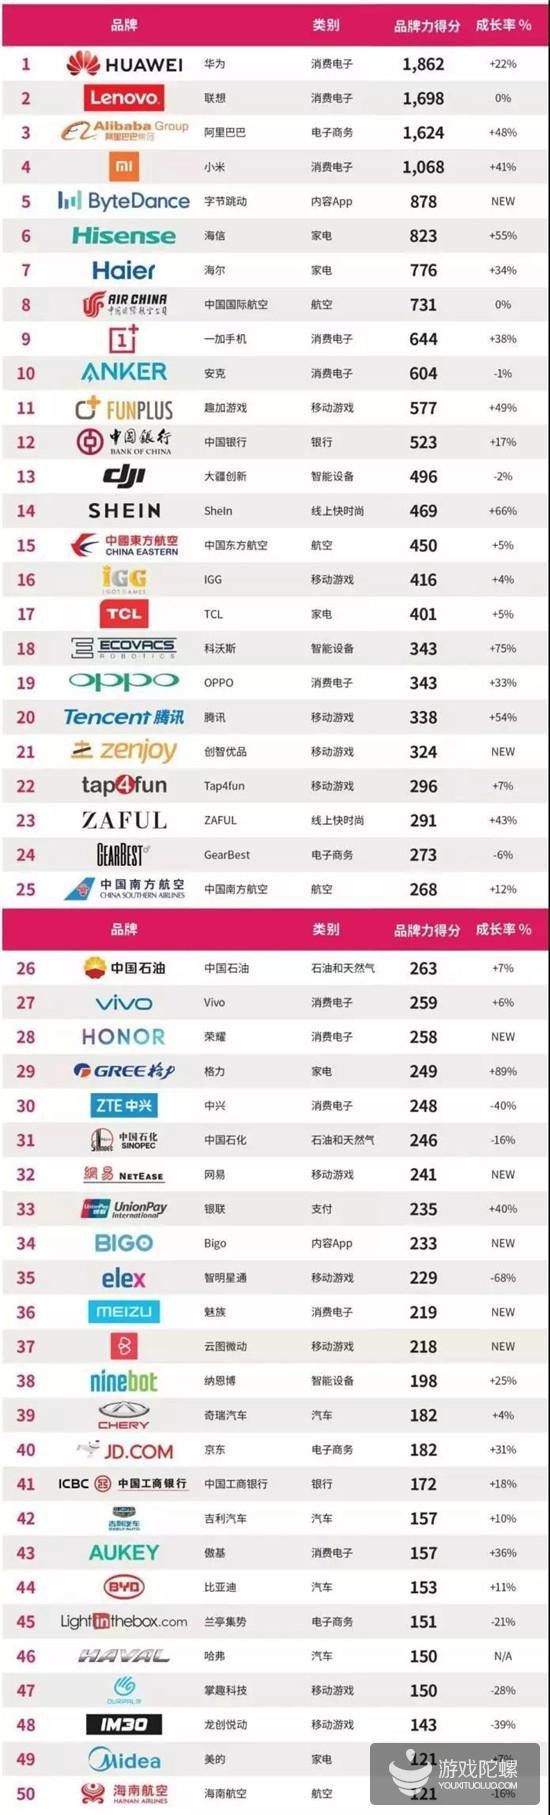 中国出海品牌50强:10家游戏公司入榜,FunPlus成游戏第一品牌